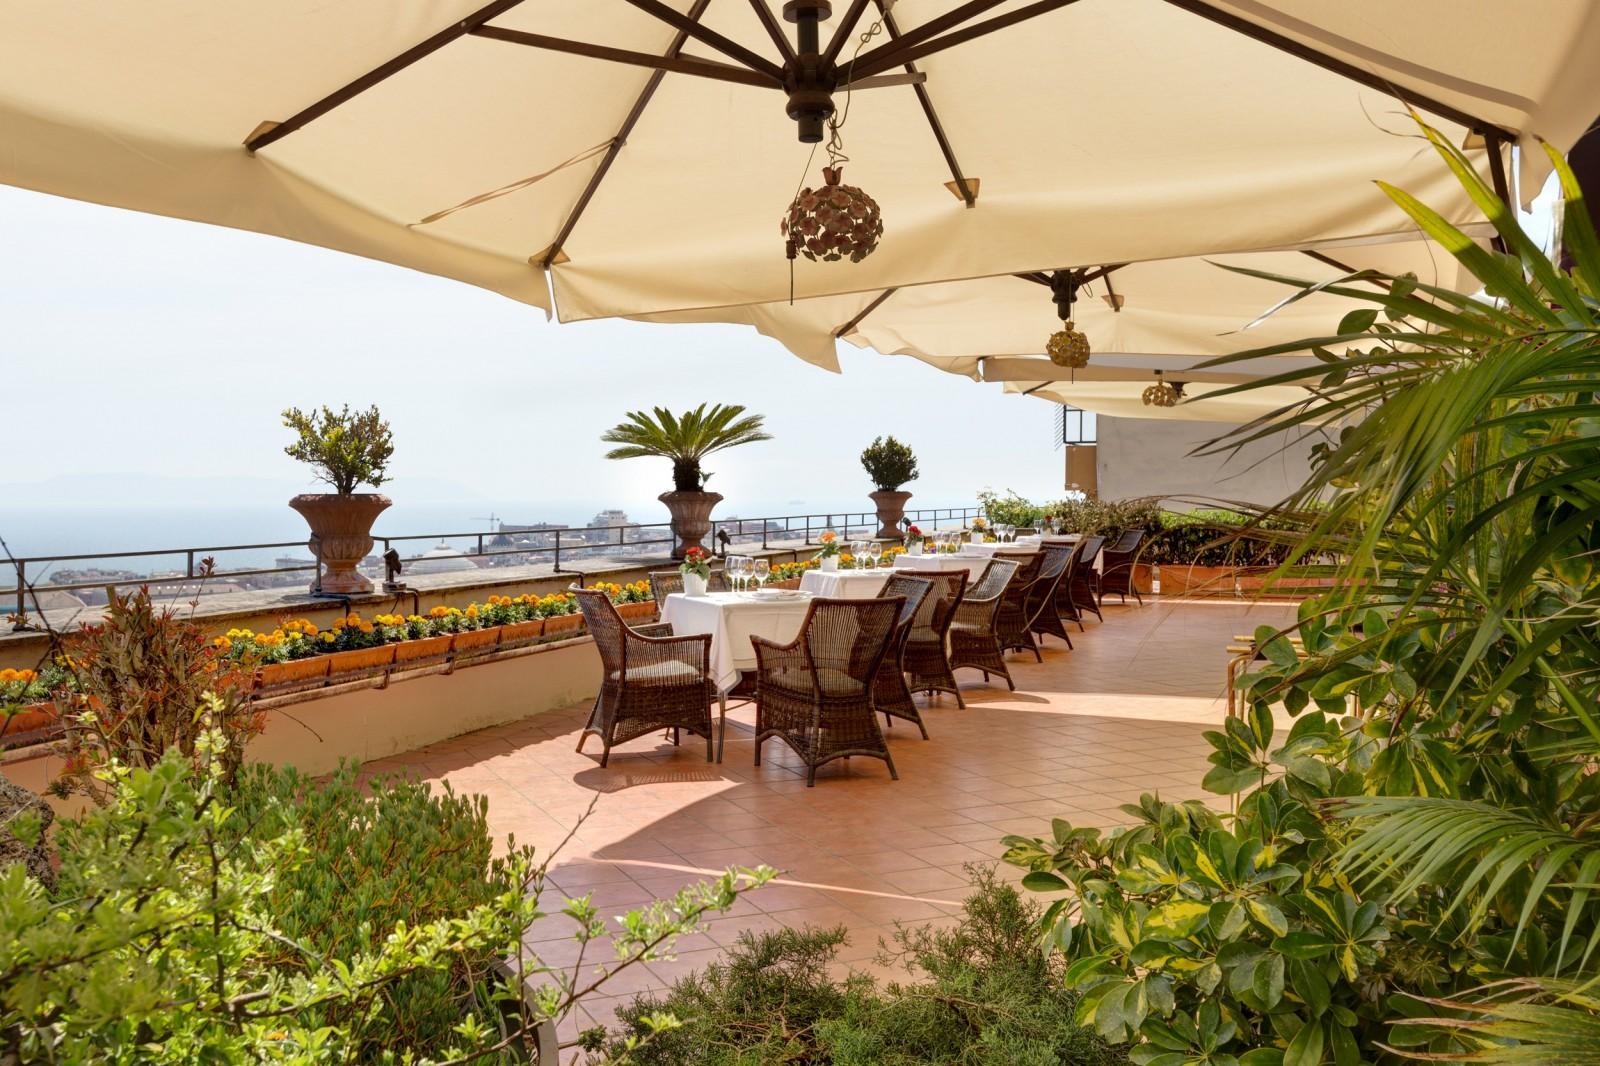 Aperitivo con vista panoramica le terrazze pi belle di for Giardino orticoltura firenze aperitivo